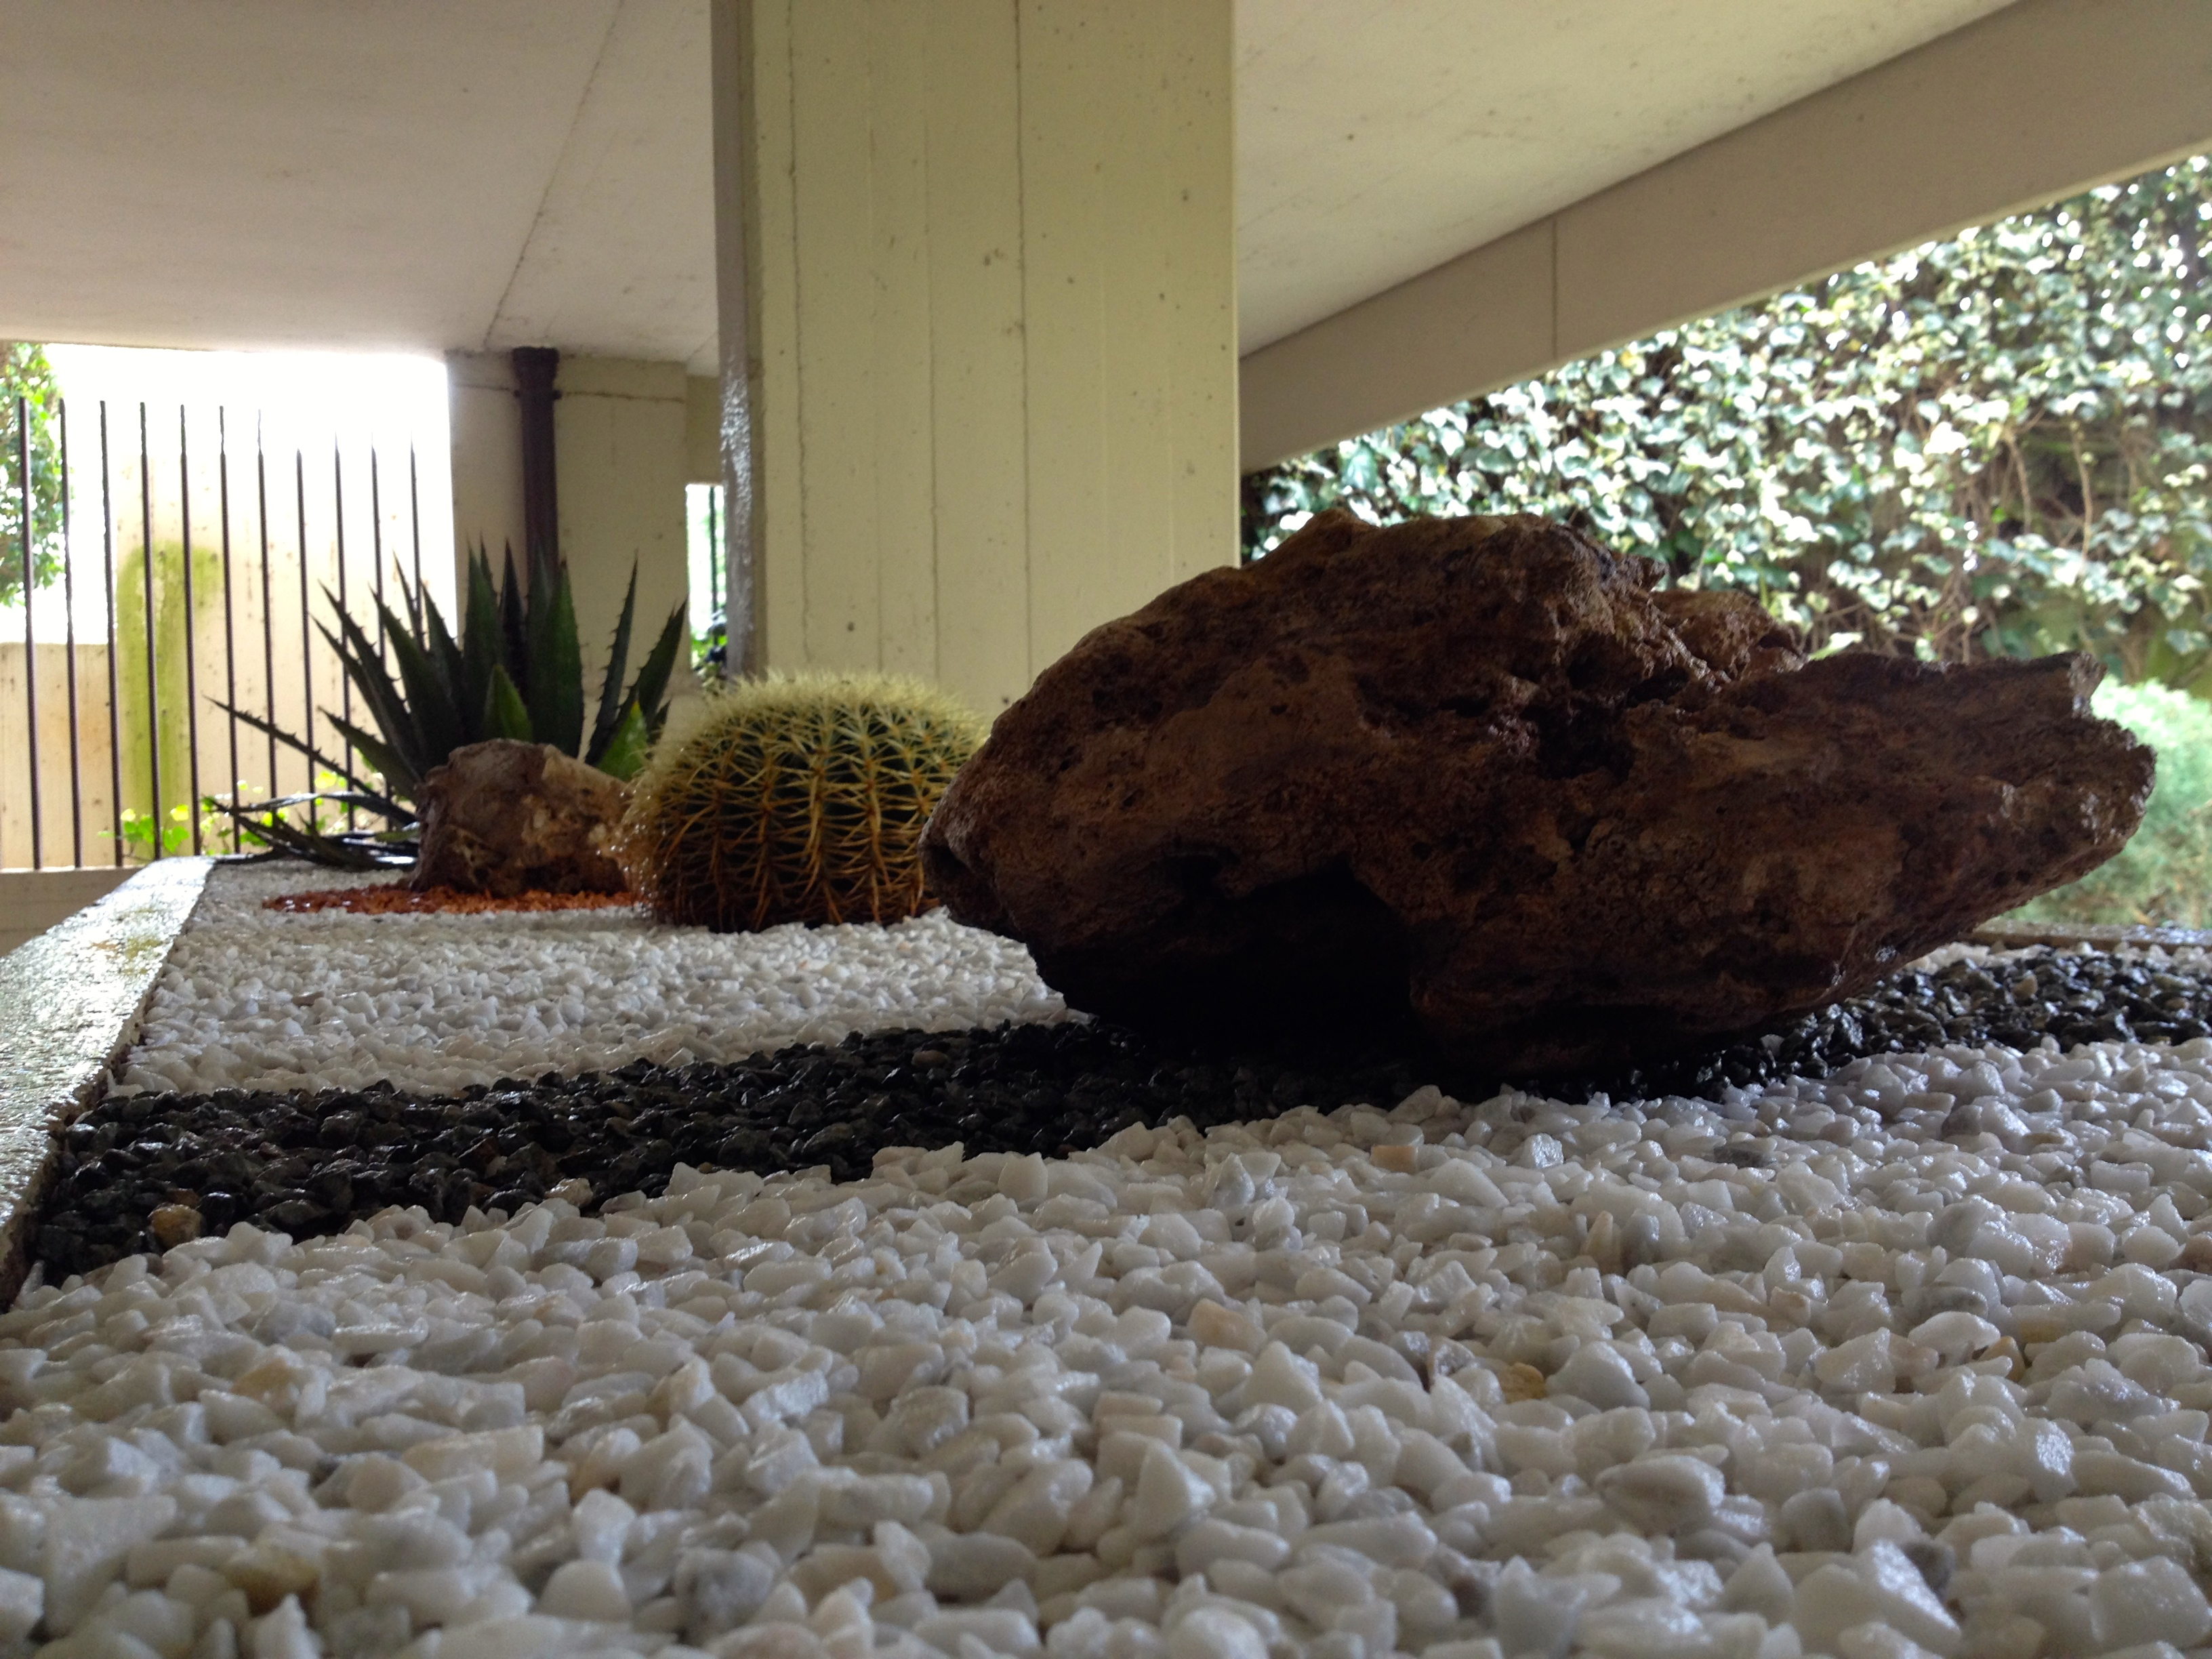 Giardino roccioso in via quasimodo abito verde - Giardino roccioso piante grasse ...